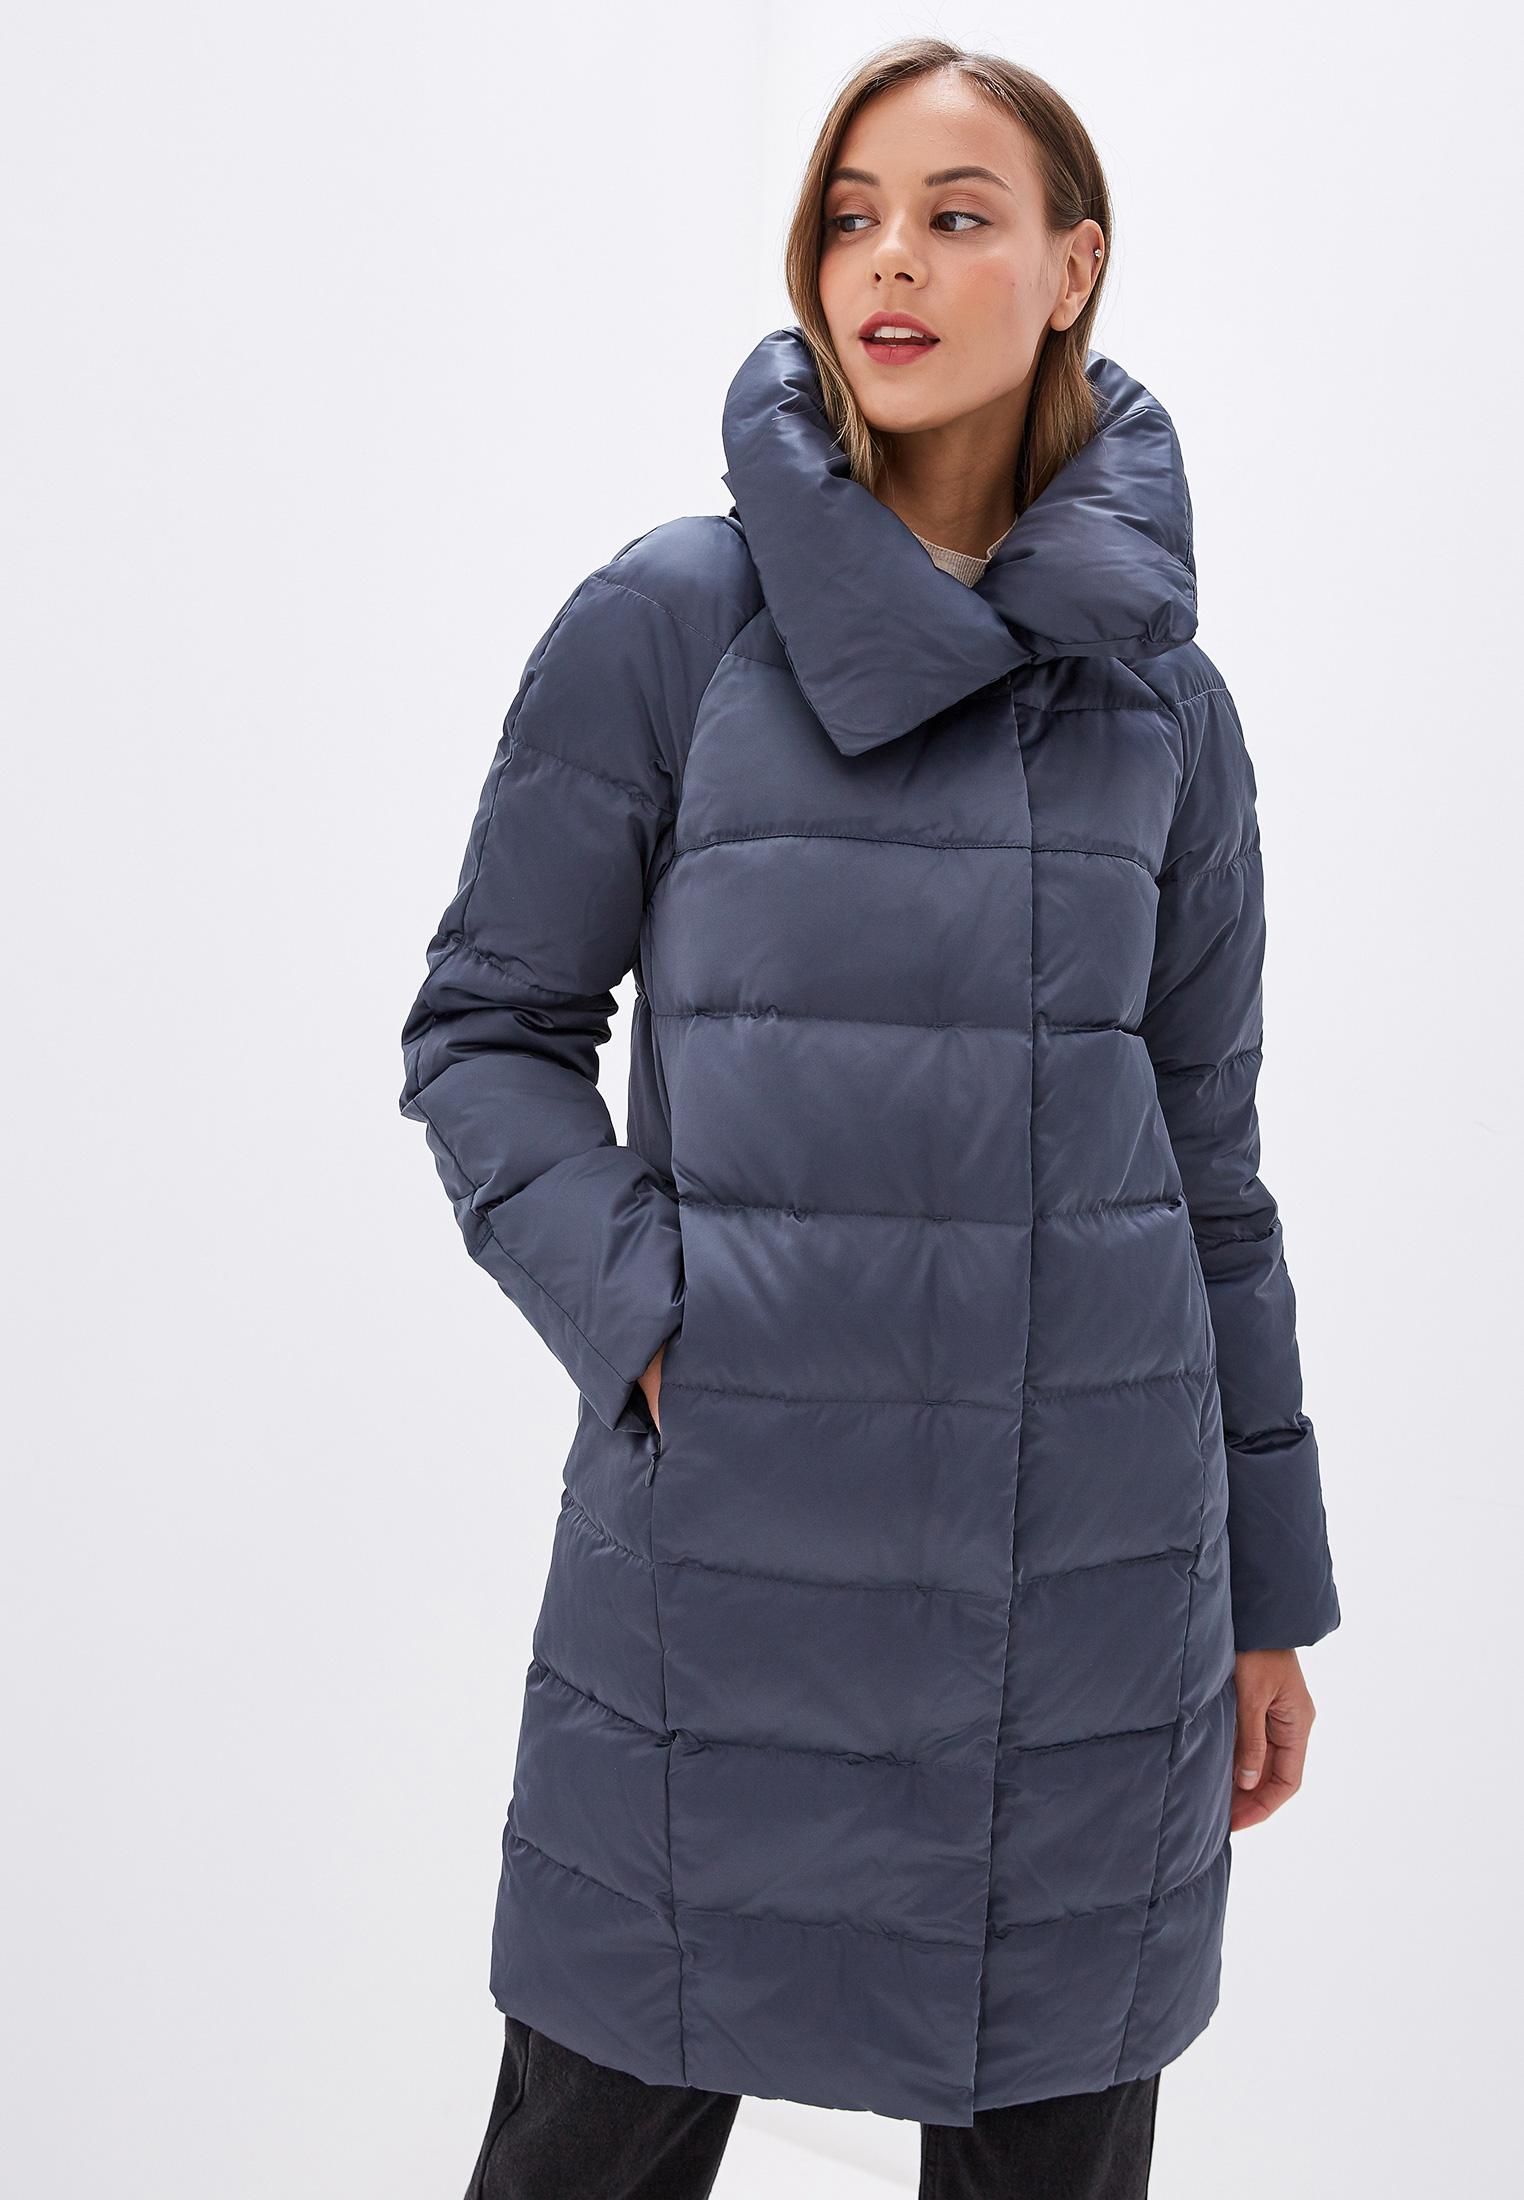 Пуховик, Savage, цвет: синий. Артикул: SA004EWGESB8. Одежда / Верхняя одежда / Пуховики и зимние куртки